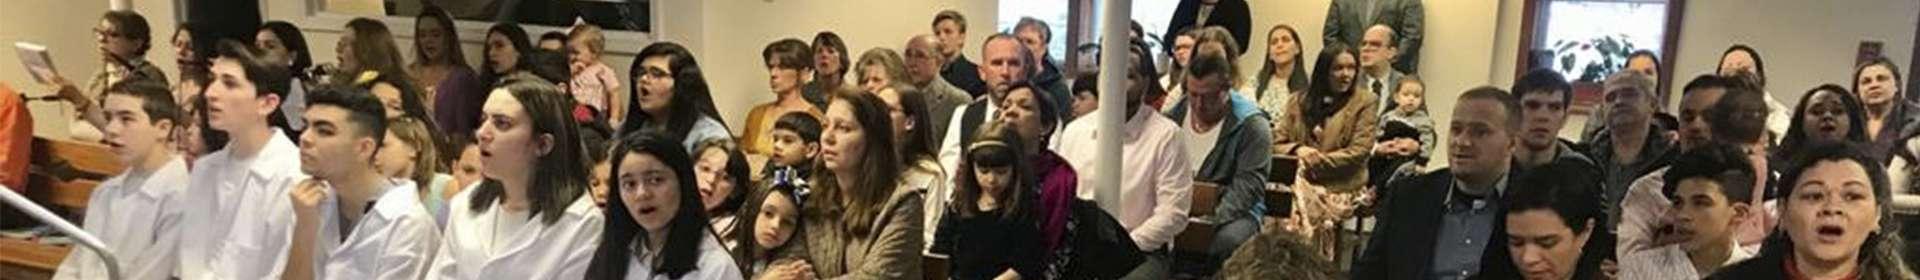 Igrejas Cristã Maranata em Massachusetts iniciam o ano com batismos